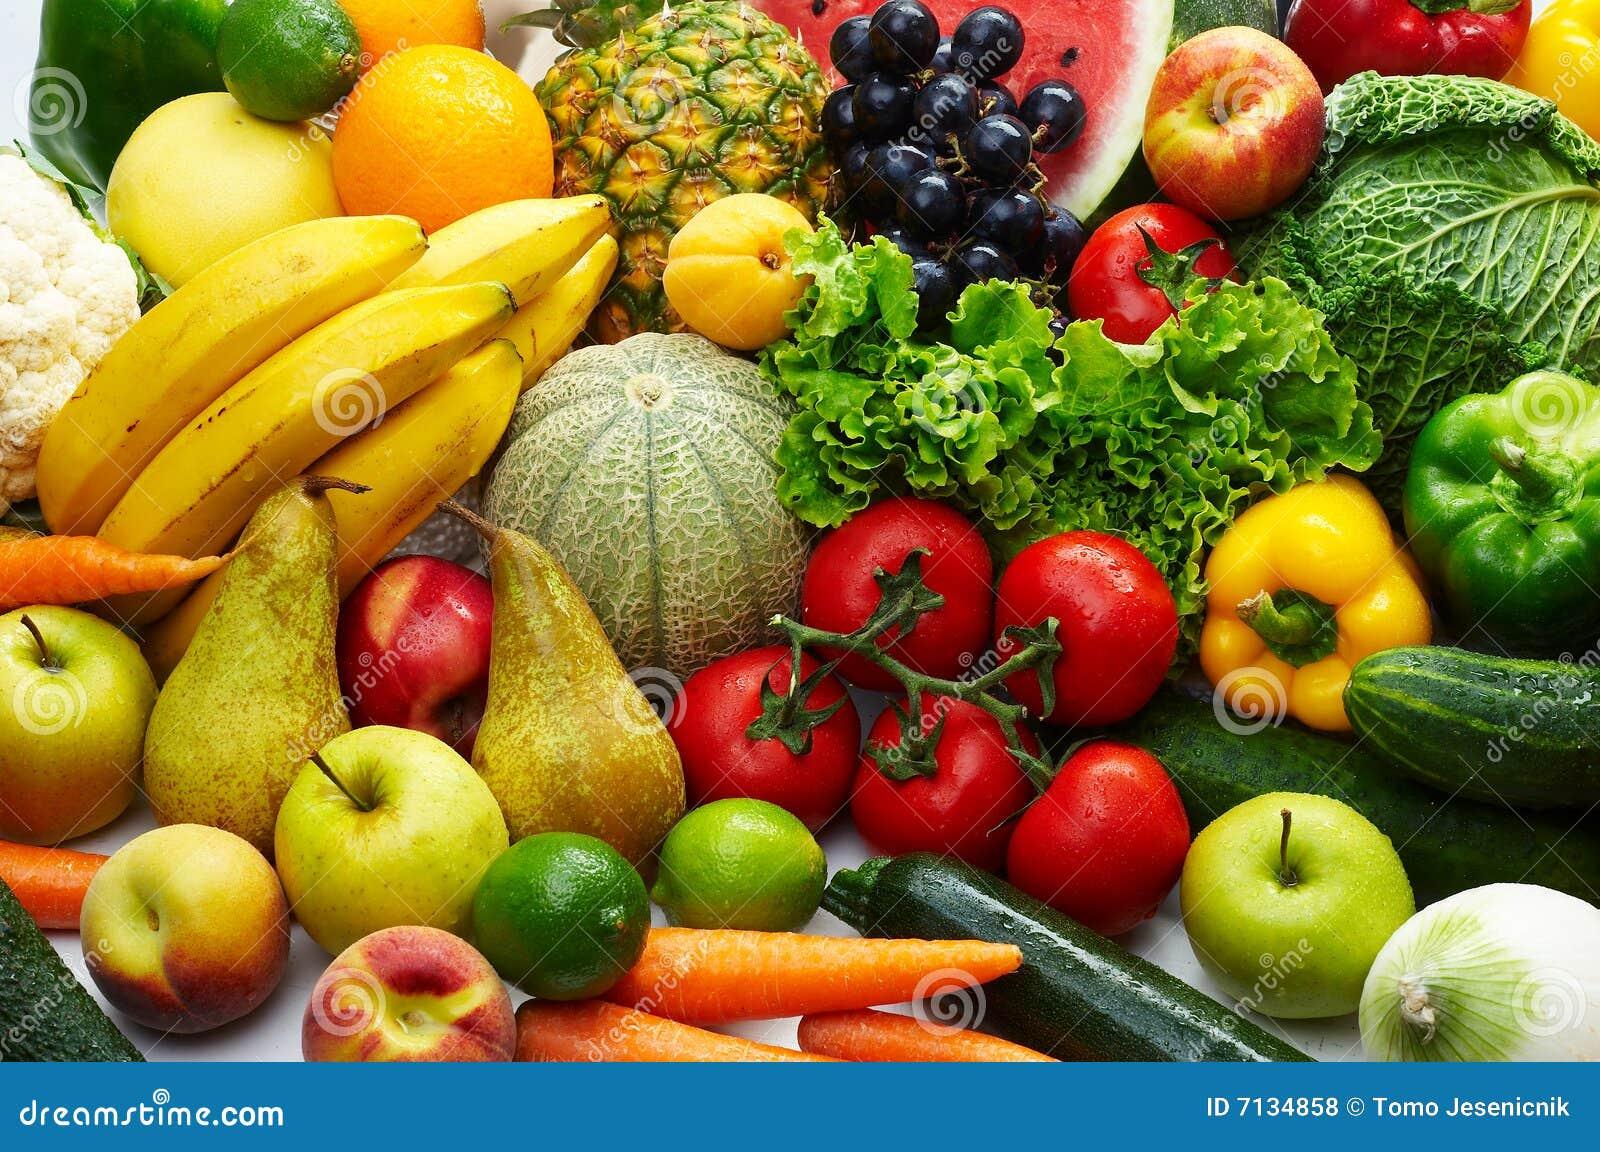 Natural Food Subscription Box